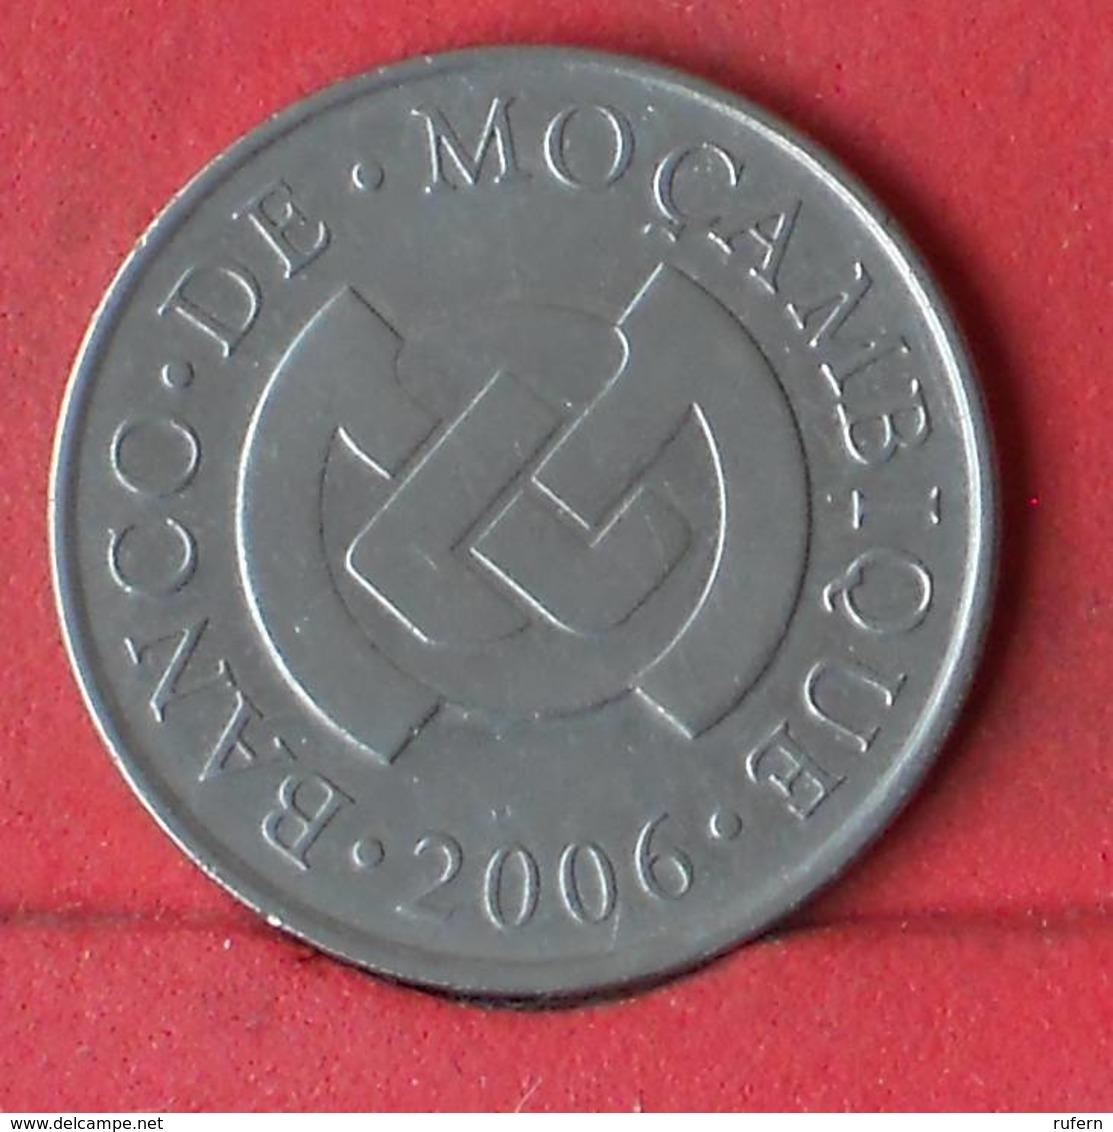 MOZAMBIQUE 5 METICAIS 2006 -    KM# 139 - (Nº29390) - Mozambique